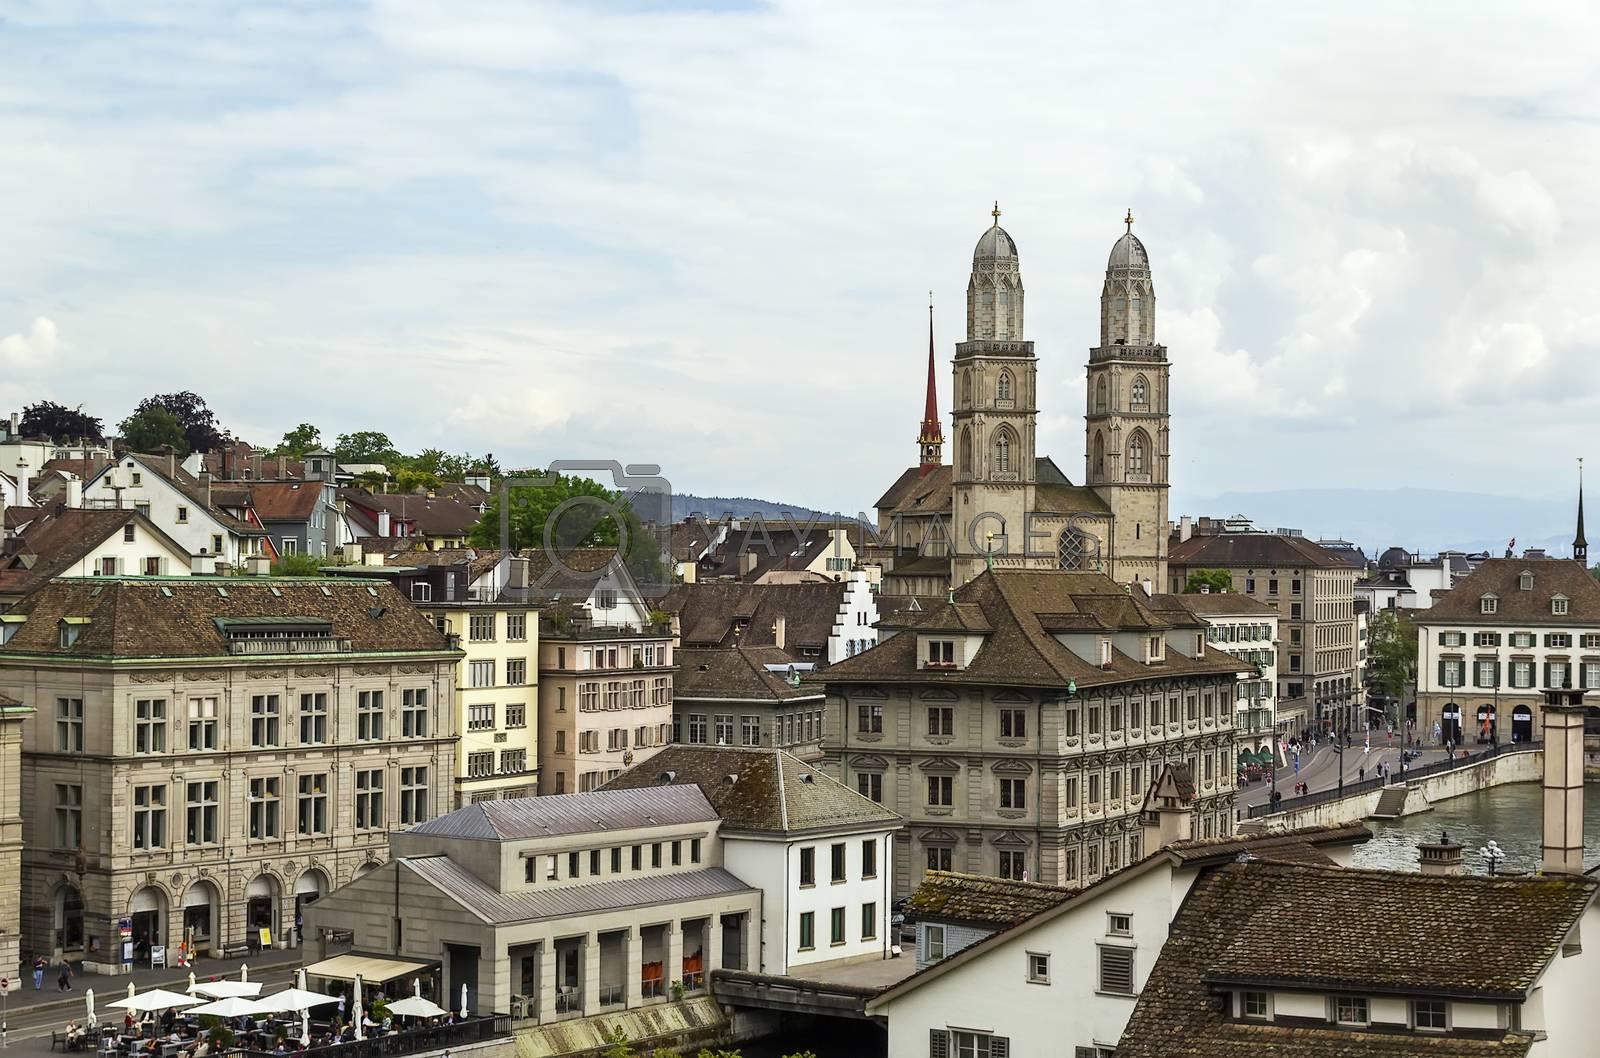 Grossmunster church, Zurich by borisb17